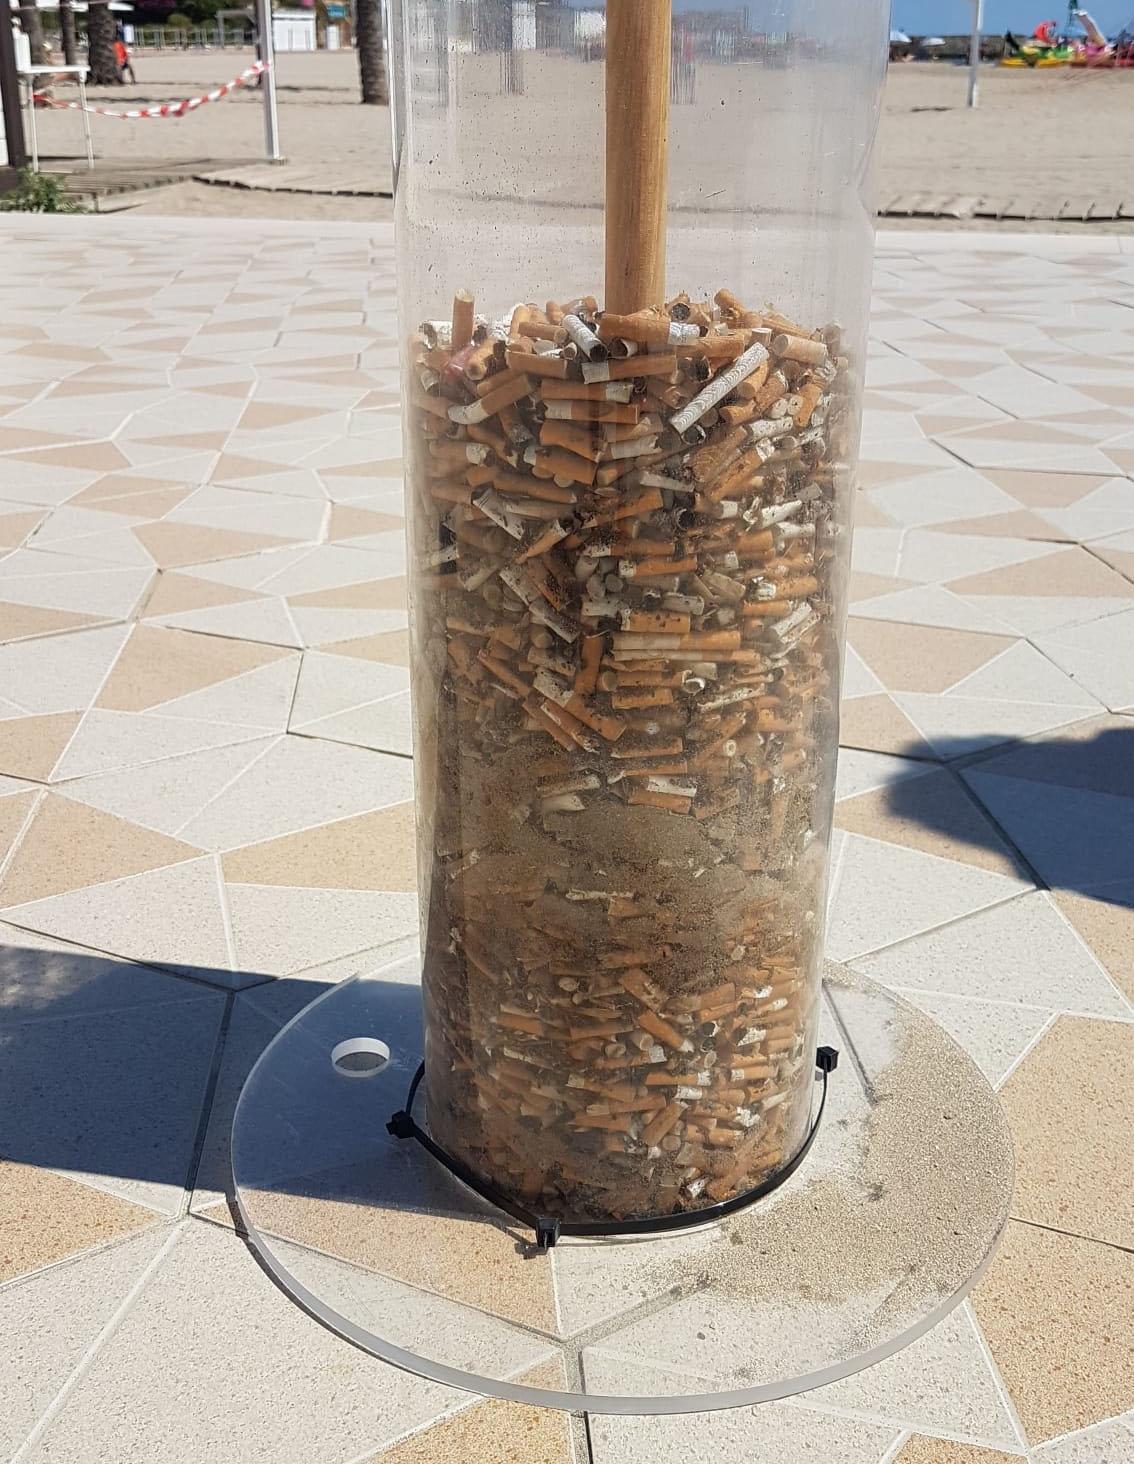 Cilindro de metracrilato con los residuos de colillas